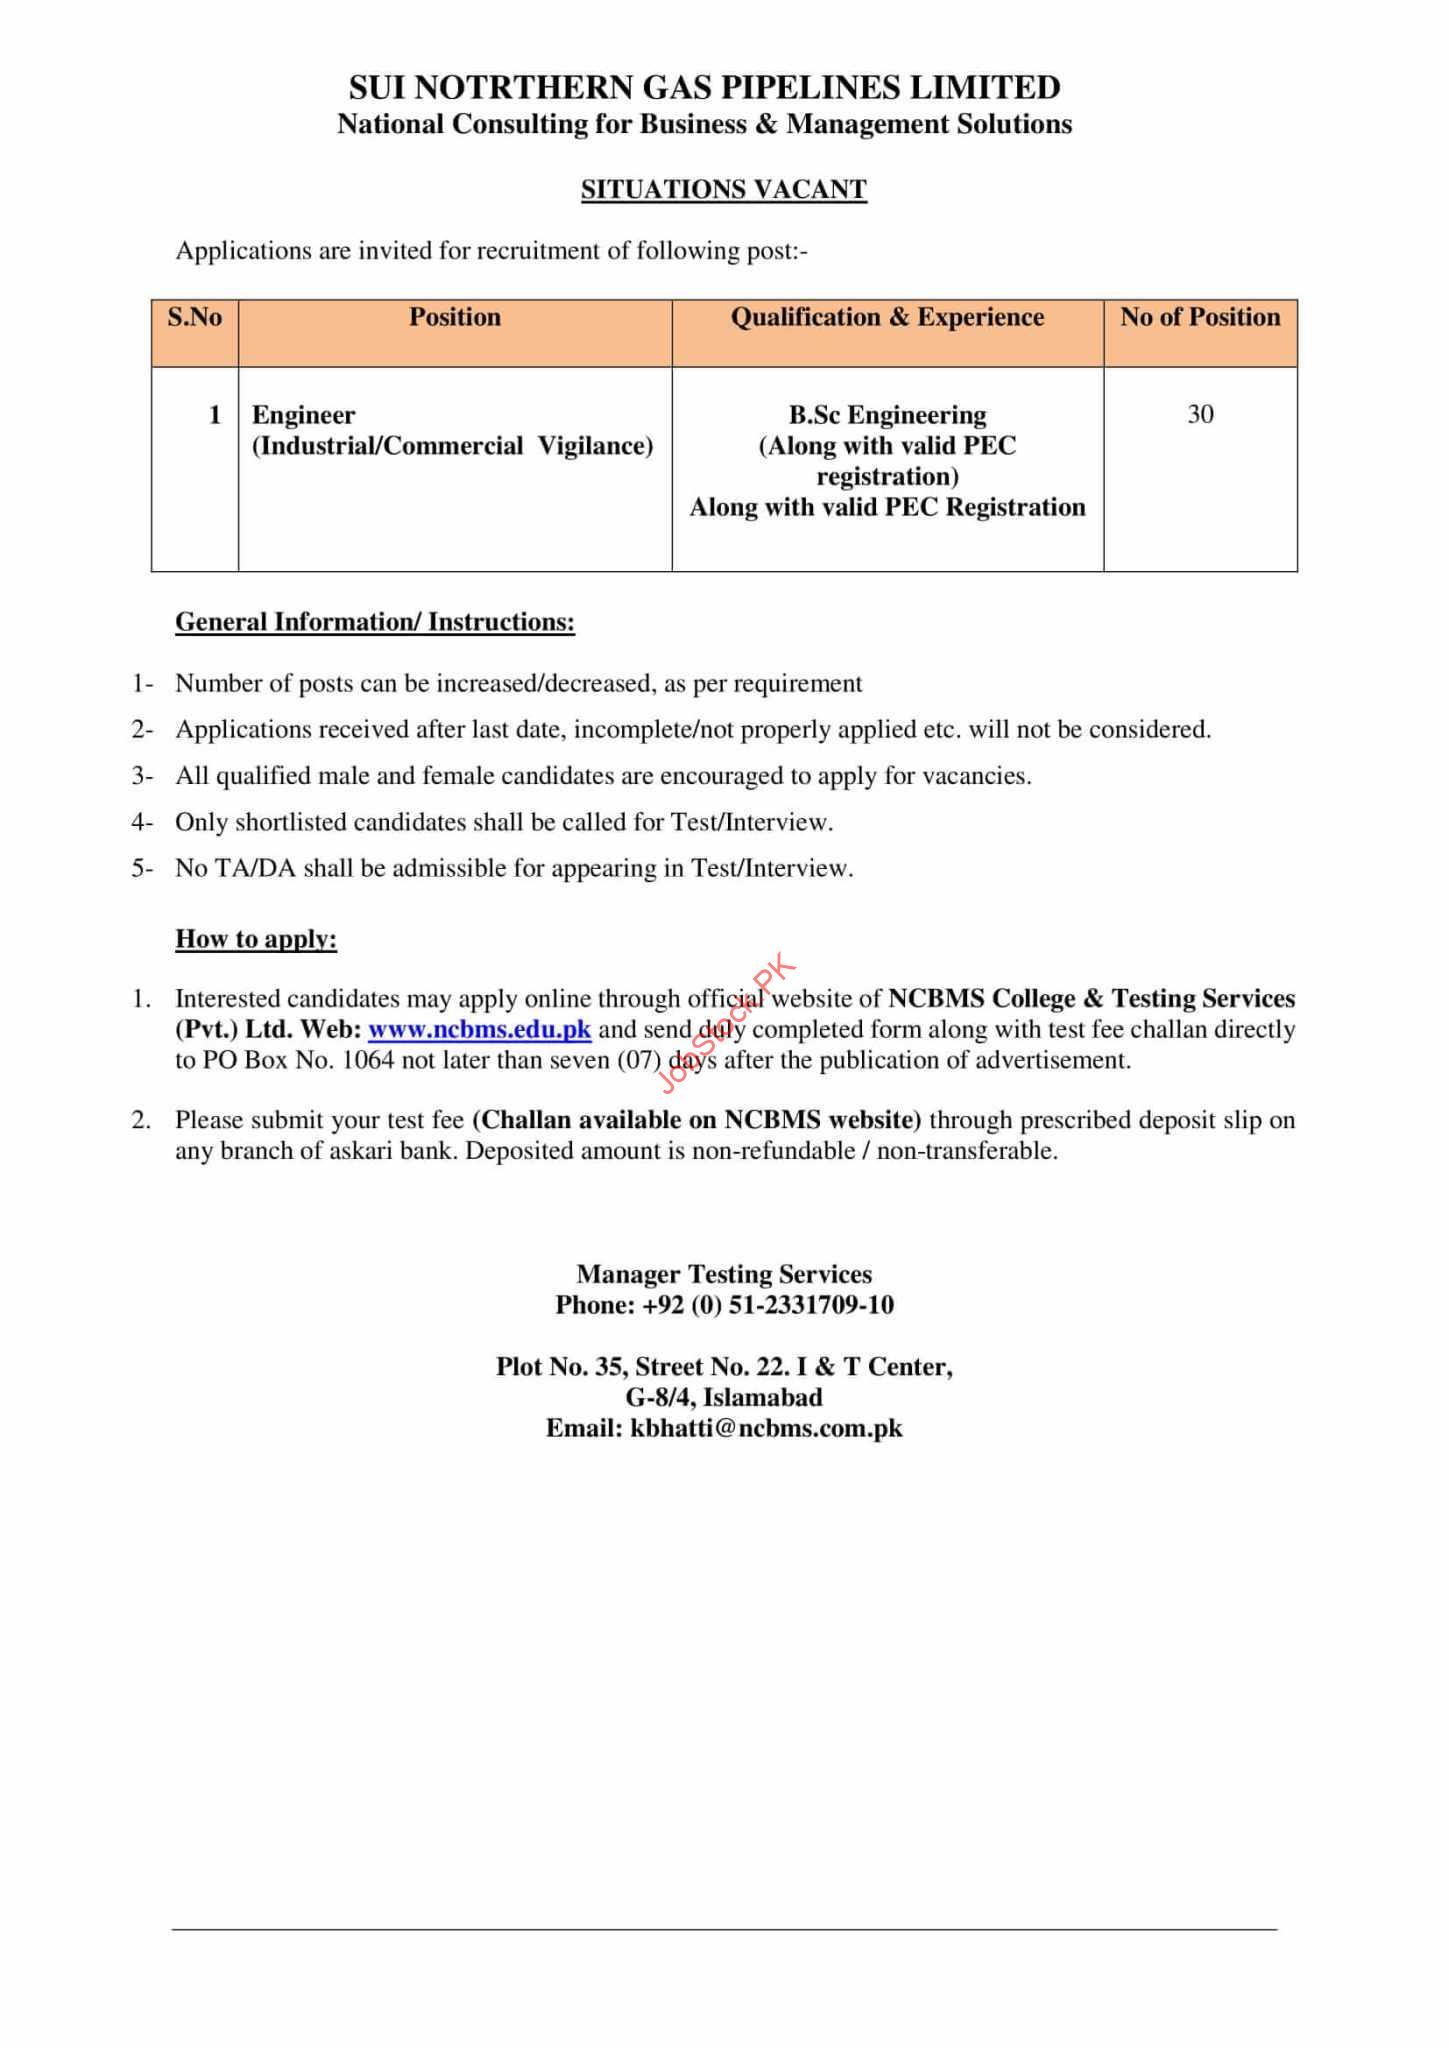 Engineer Jobs In Sui Northern Gas Pipelines Ltd Sngpl 2021